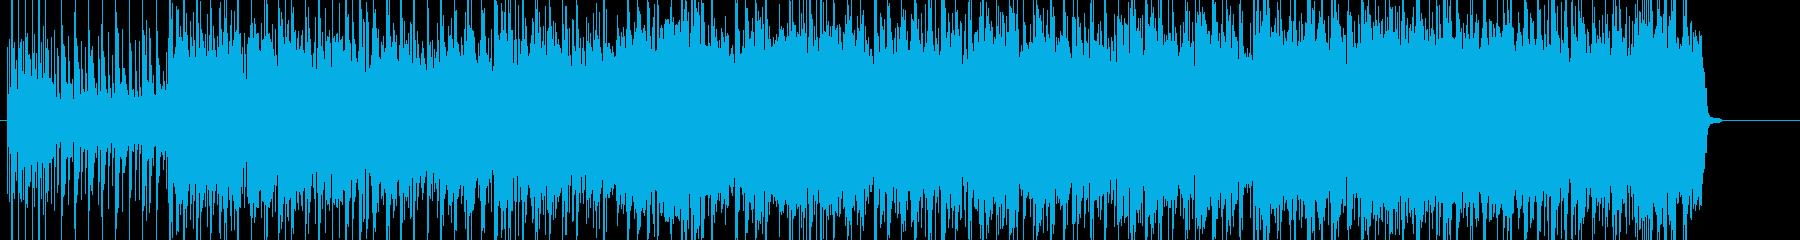 重たく重厚な雰囲気のロックの再生済みの波形